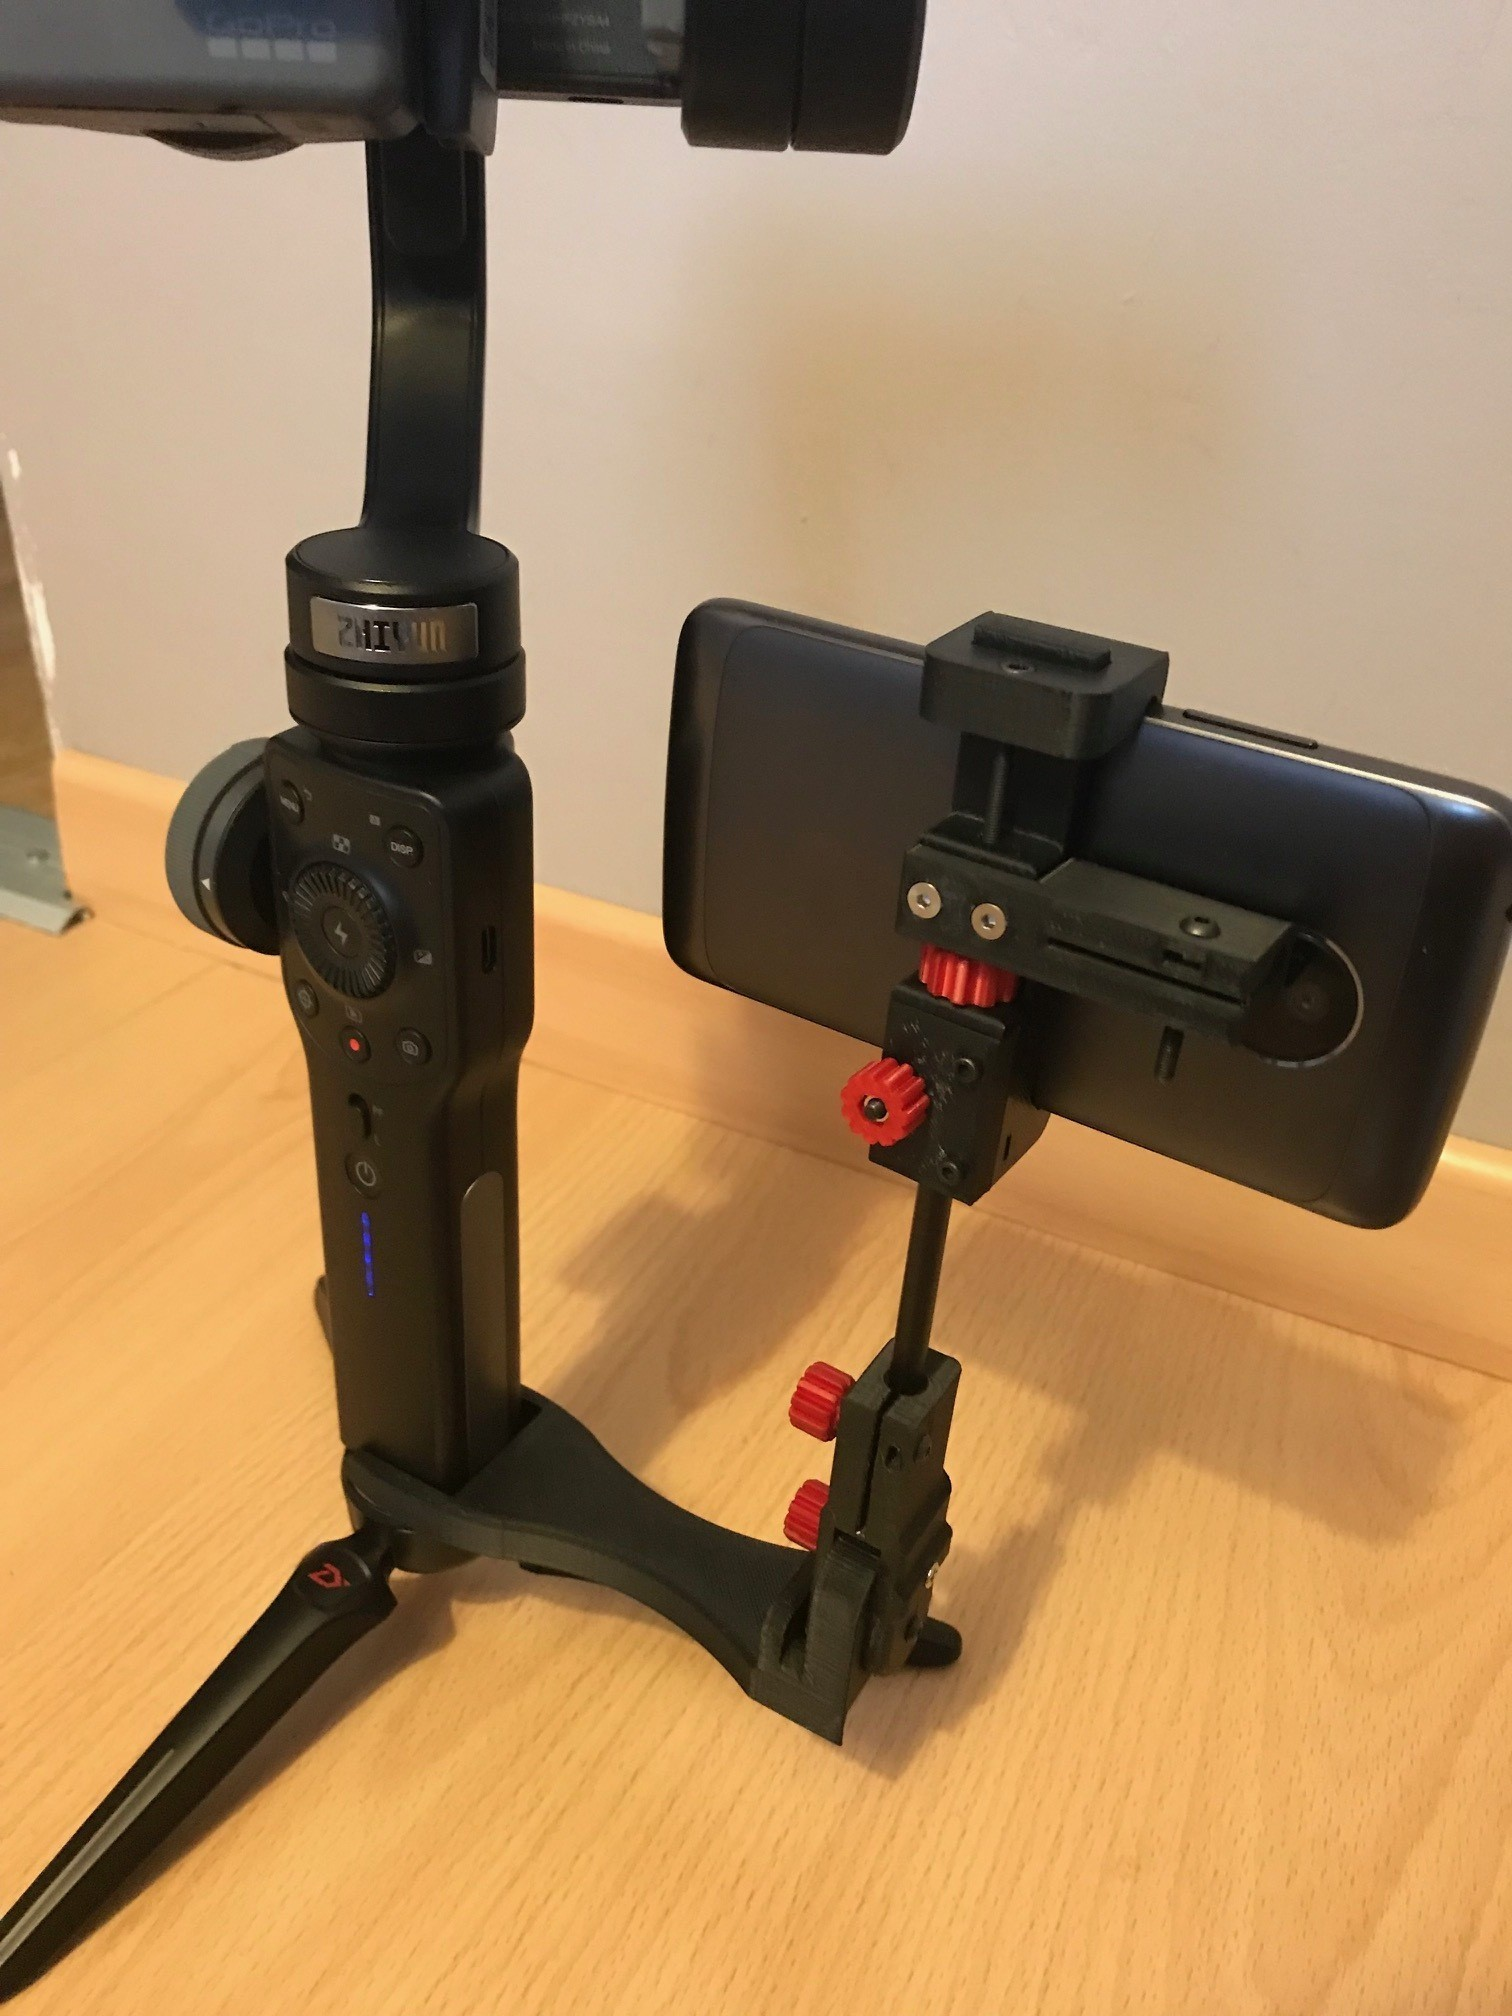 IMG_0977.jpg Download STL file steadicam Smartphone Mount • 3D printer template, NedalLive